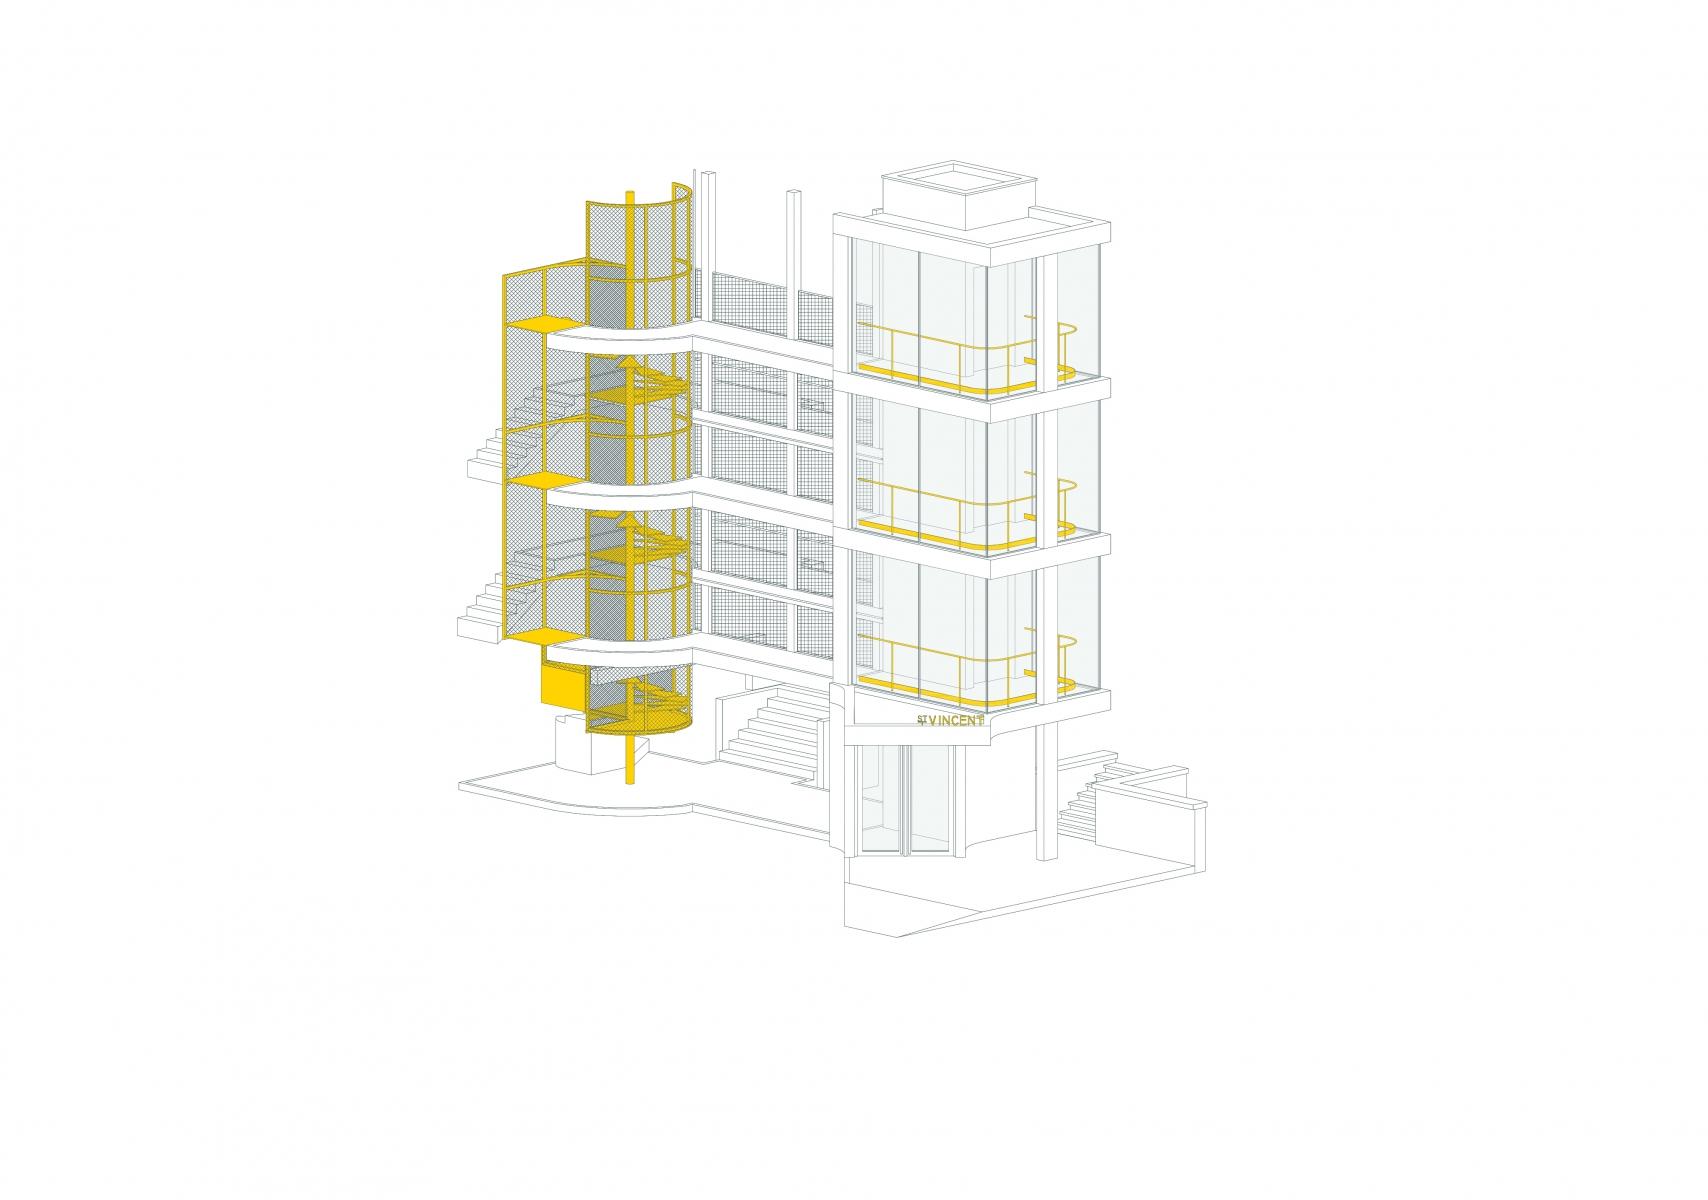 C:UsersGuillaumeSonnetCloudStation1-Projet2-Appel d'offre�1-Projet2020200611_Saint-Vincent_Soignies200602_3D SketchUp�0_AXONO ASCE